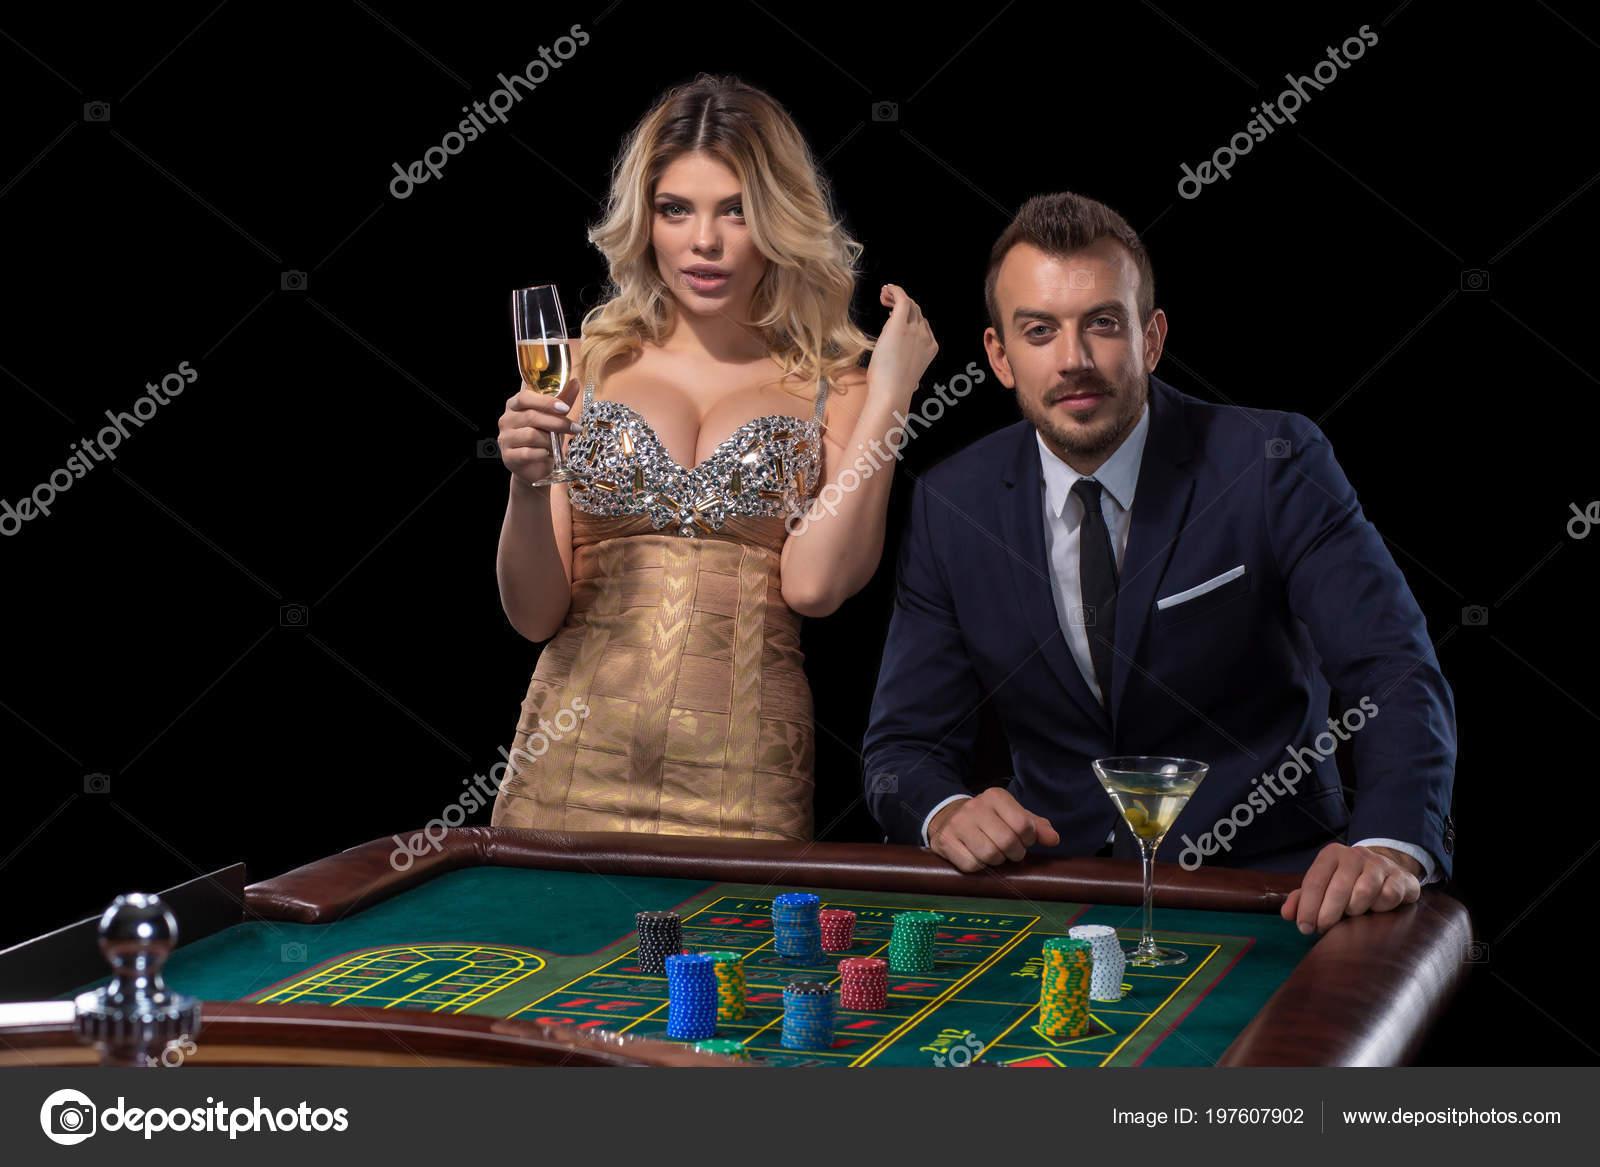 Gambling task psychology